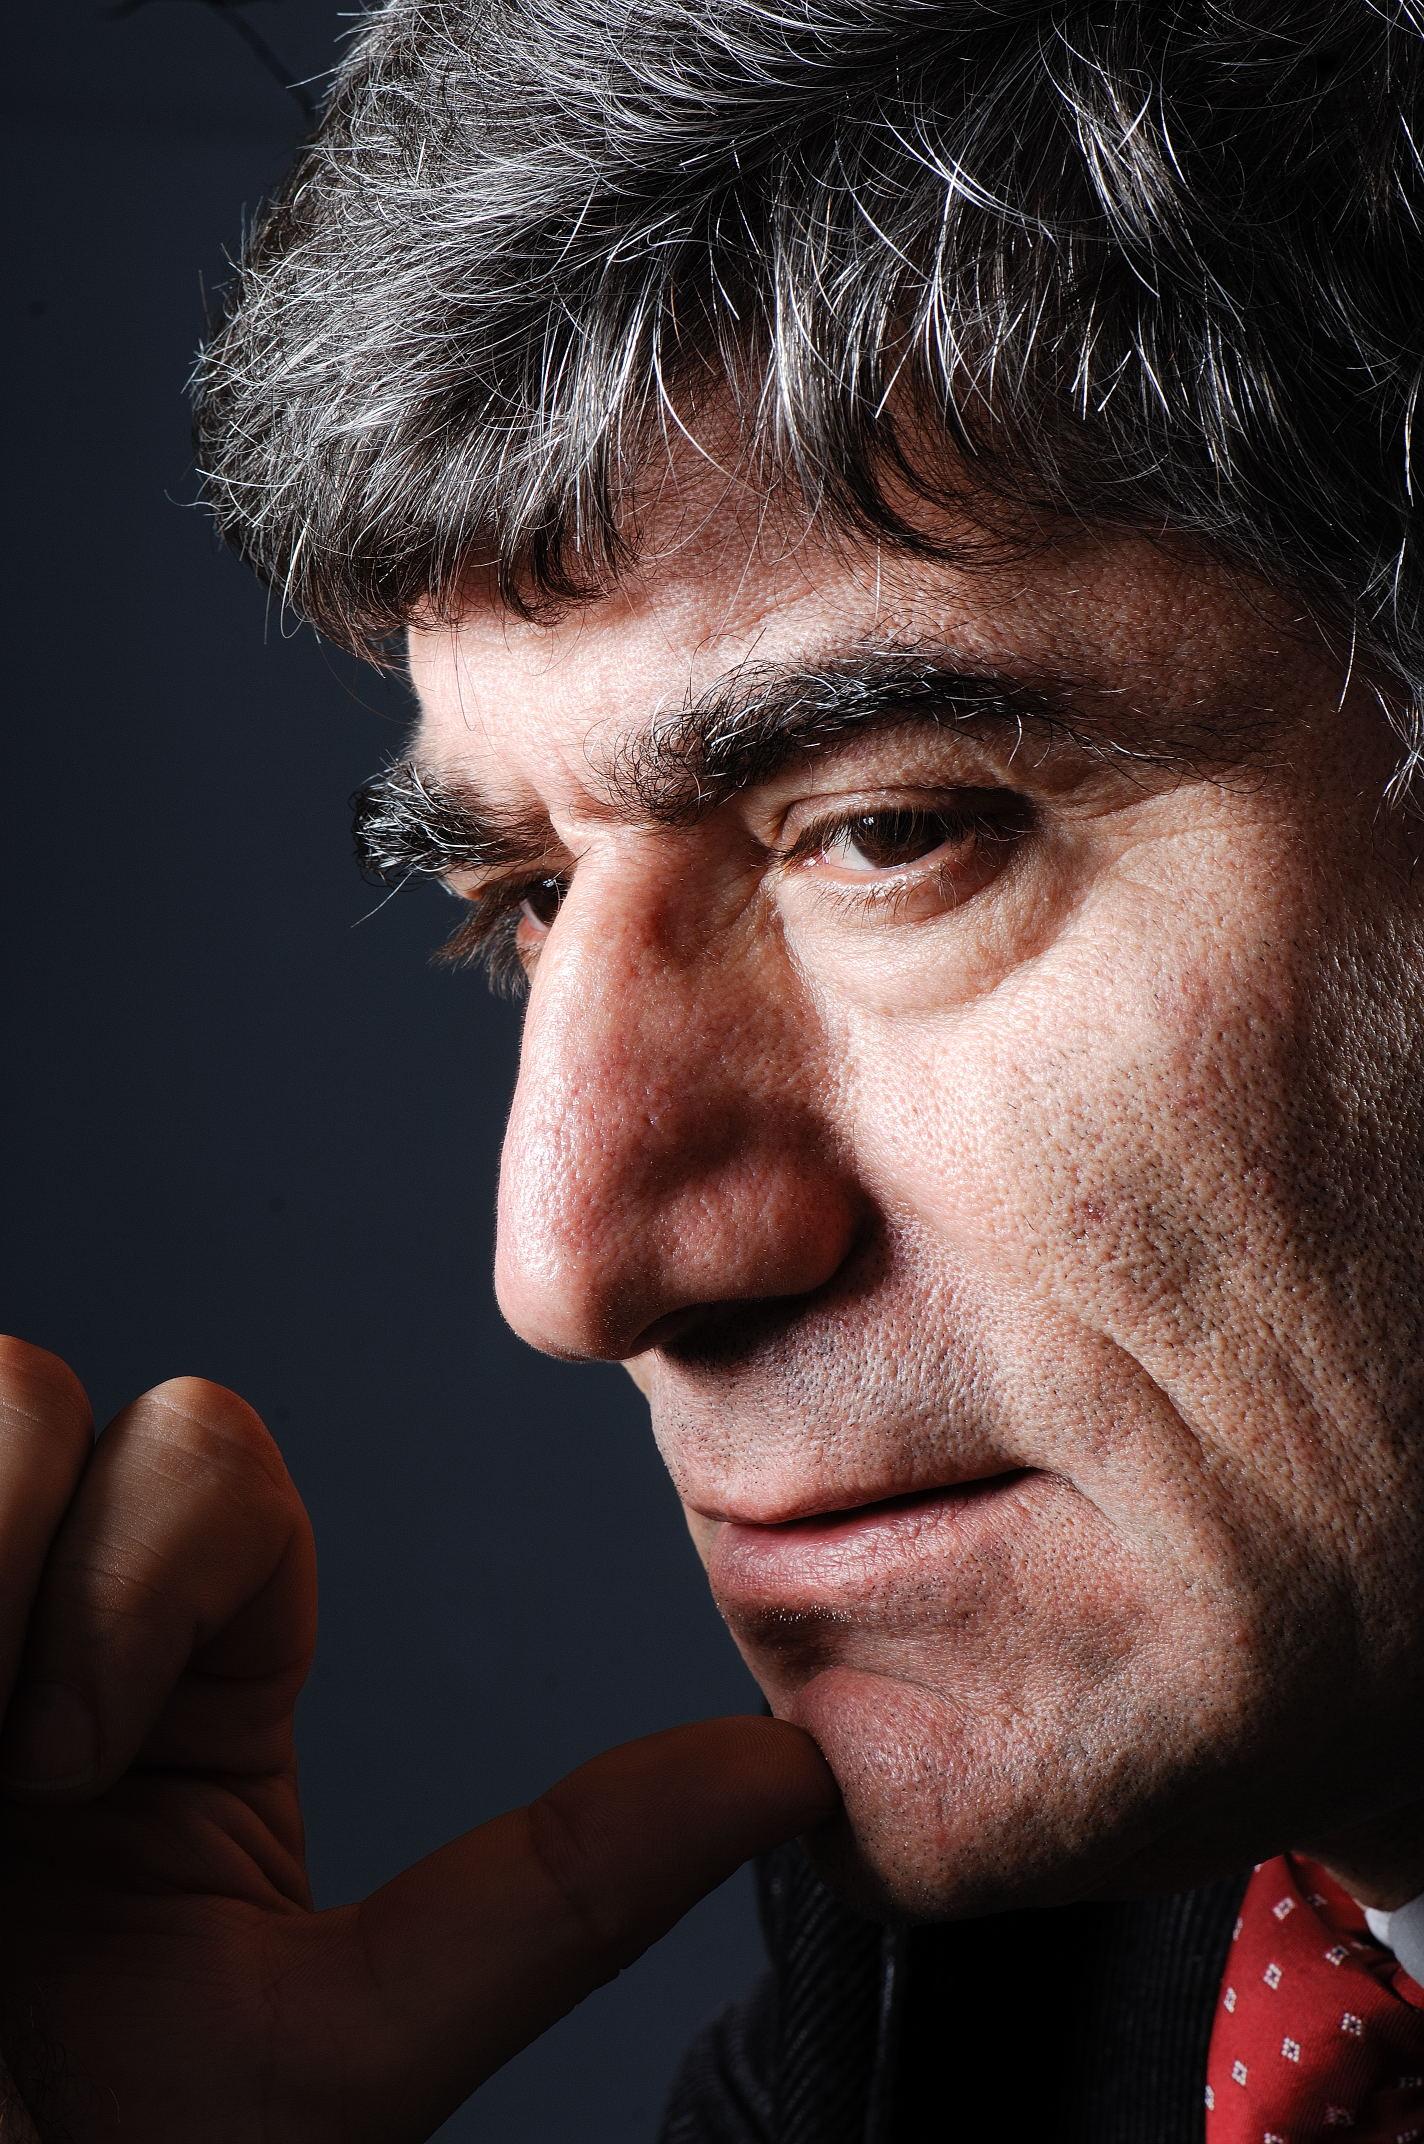 Trabzon'dan gönderilen, Hrant Dink'i hedef alan eylem yapılacağı istihbaratının sumen altı edildiği İstanbul'da Dink'in valilikte uyarıldığı da cinayetin ardından ortaya çıkmıştı